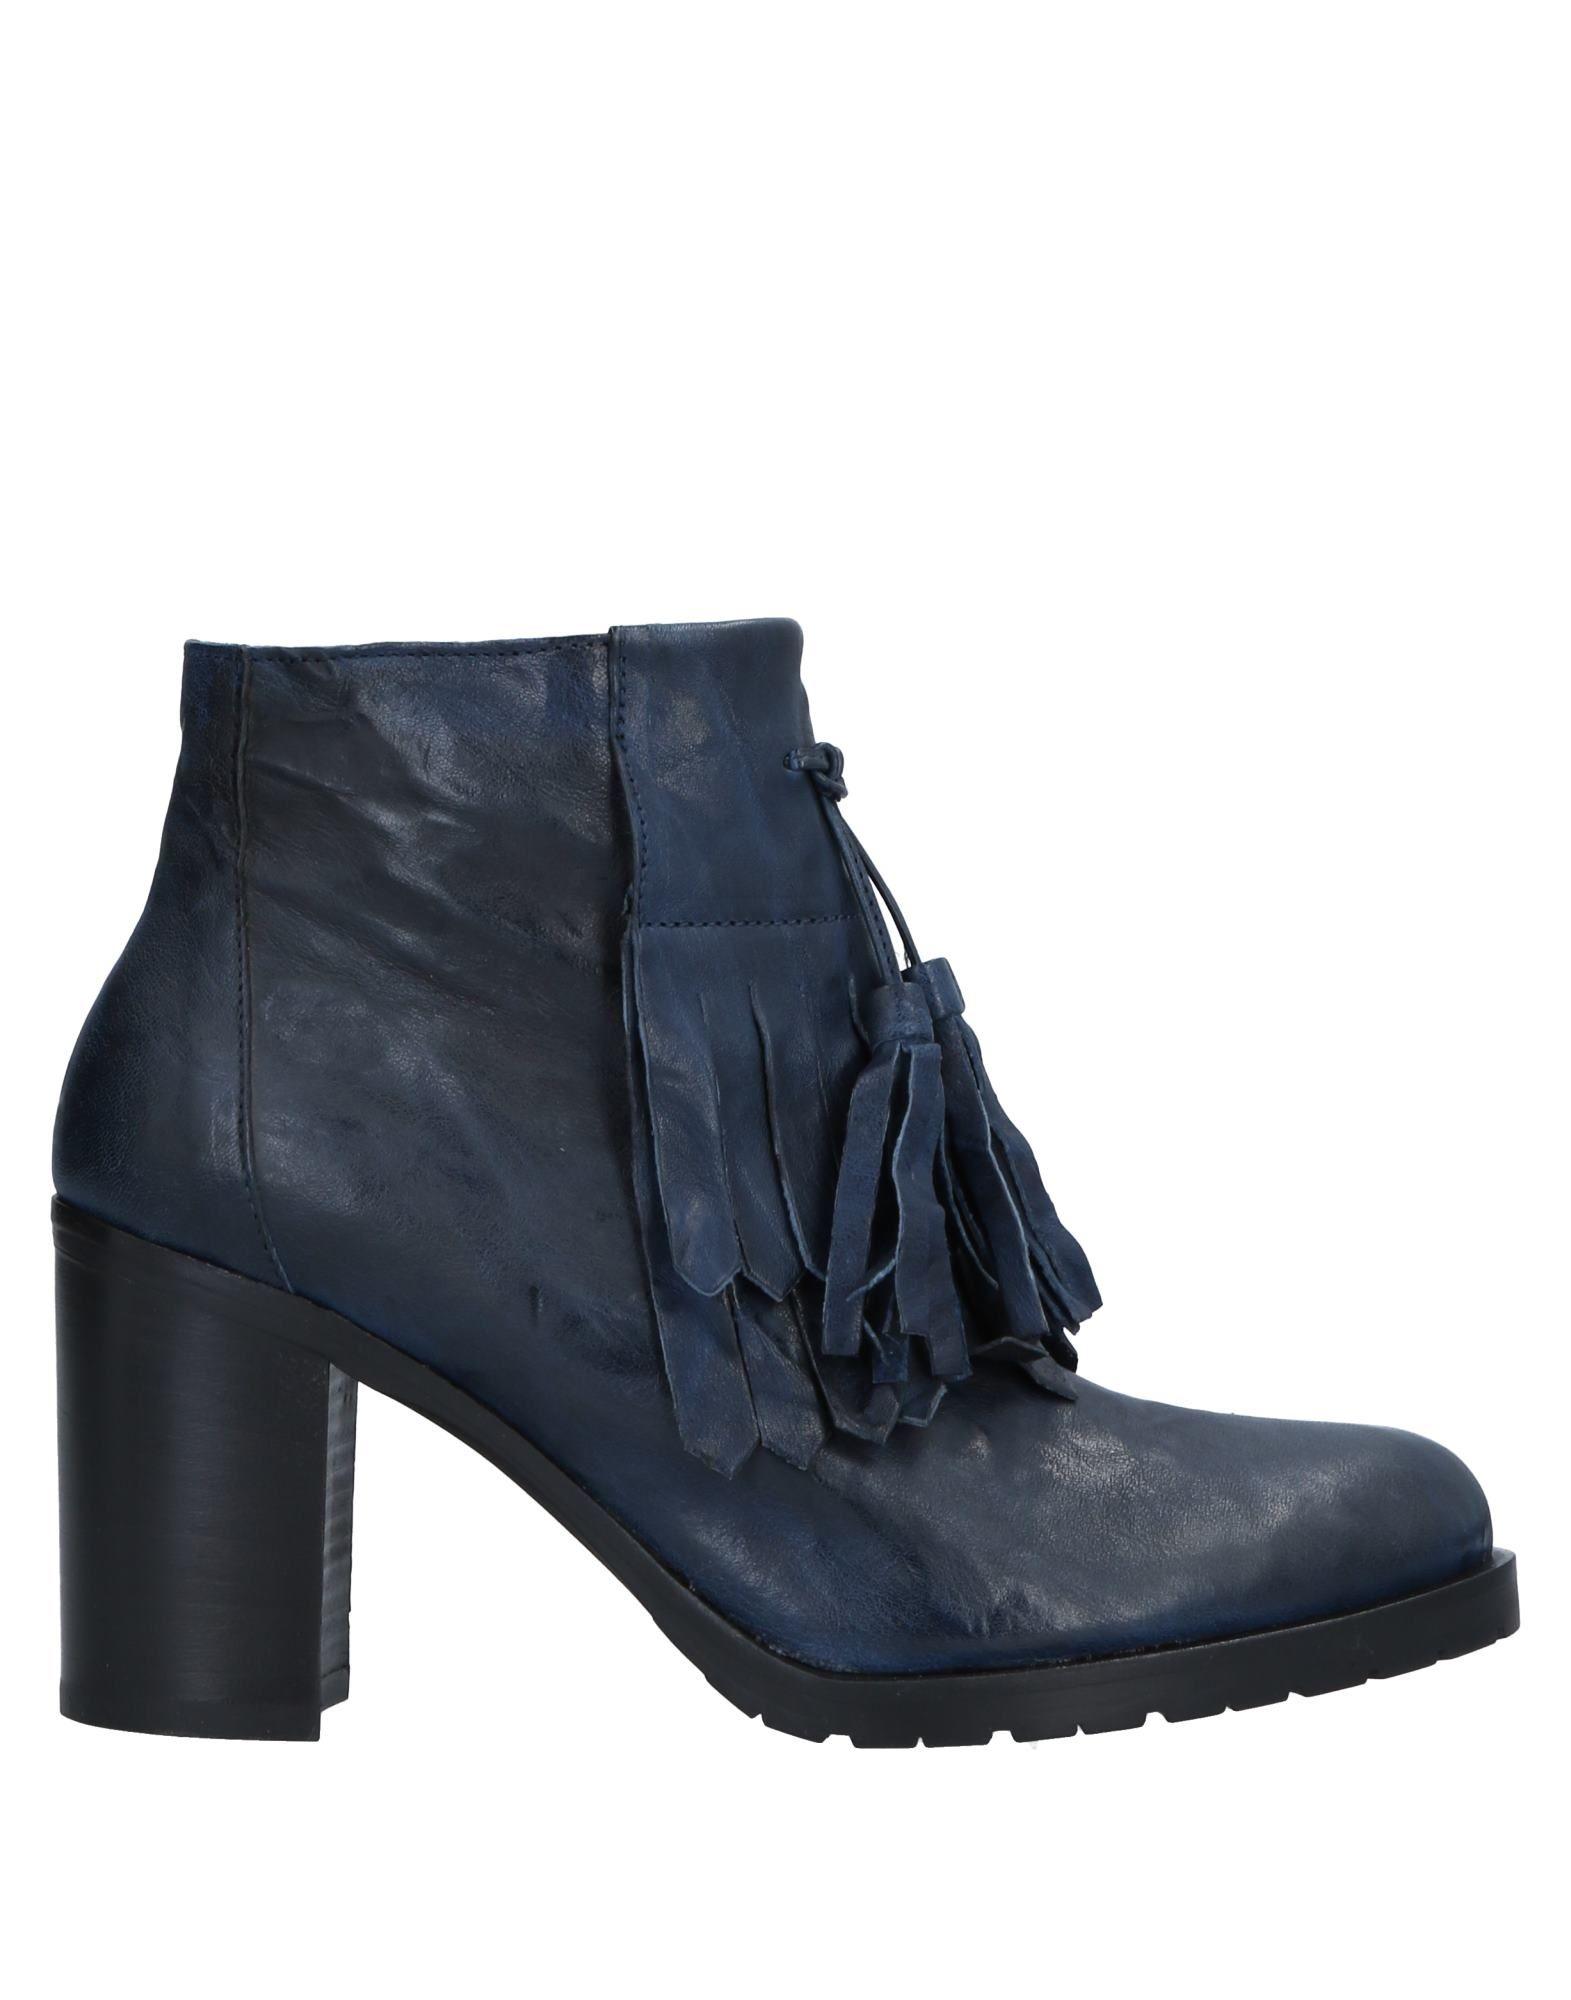 Donna Più Ankle Più Boot - Women Donna Più Ankle Ankle Boots online on  Australia - 11526946VJ 068d05